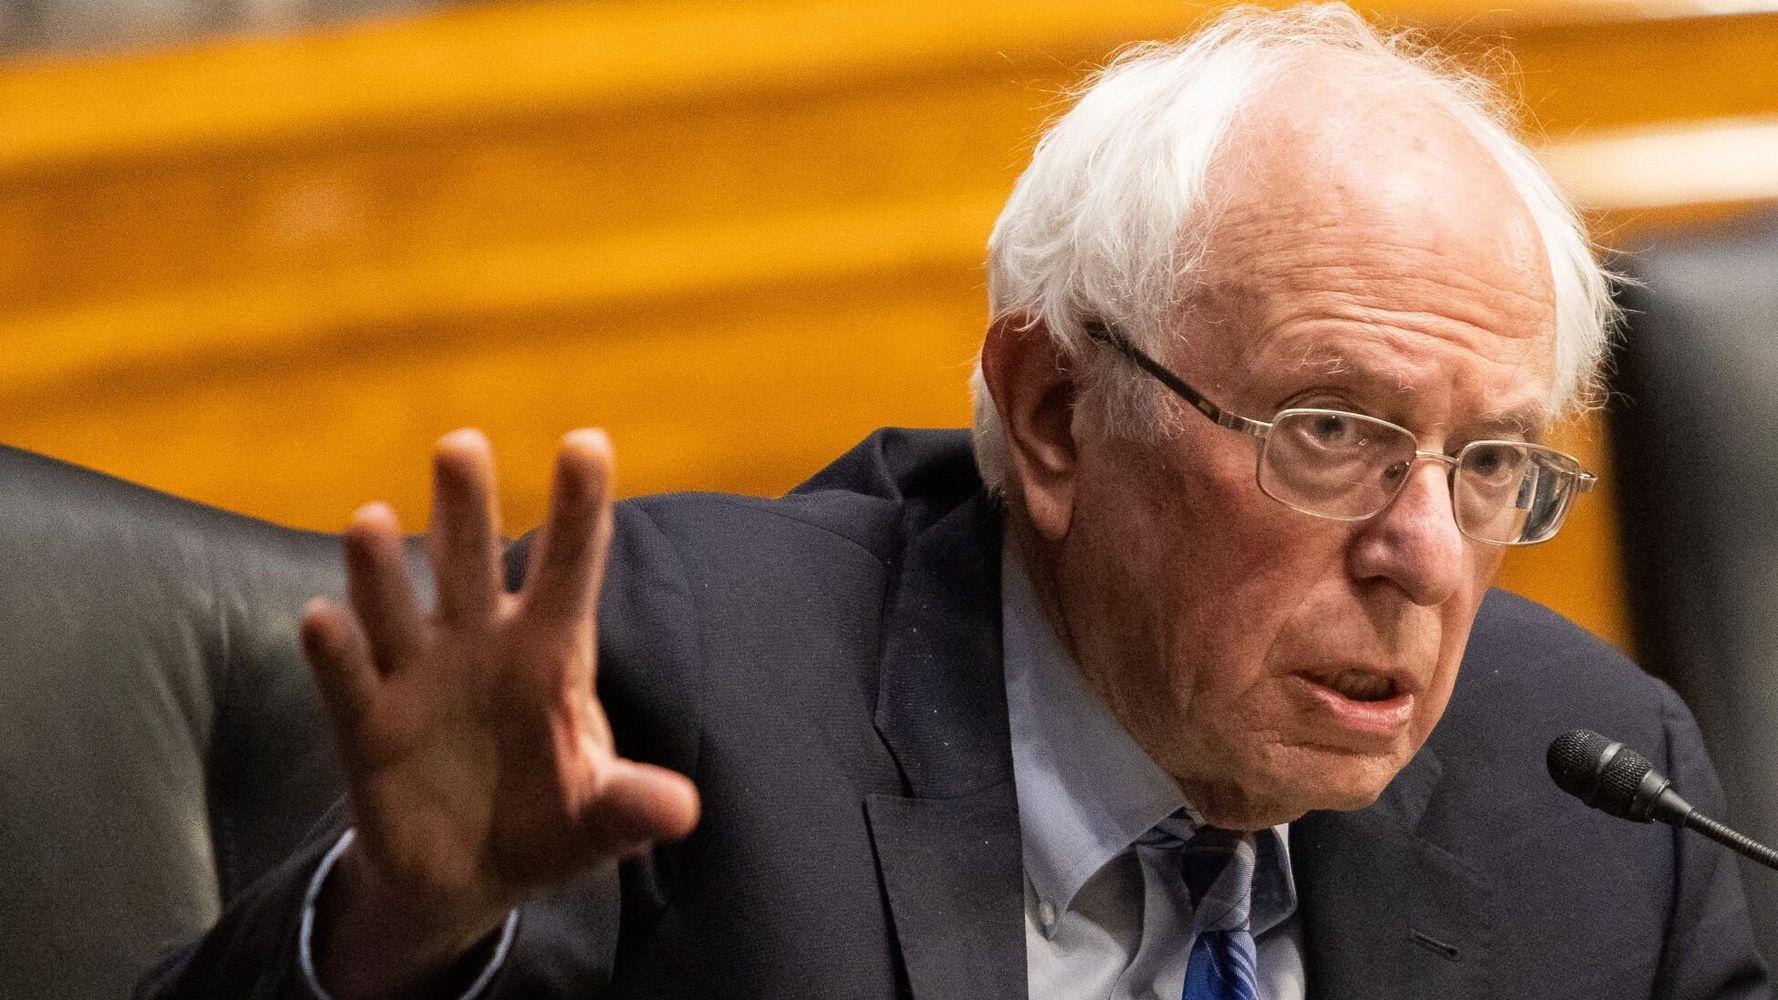 Top Amazon Exec's Snarky Tweets For Bernie Sanders Backfire